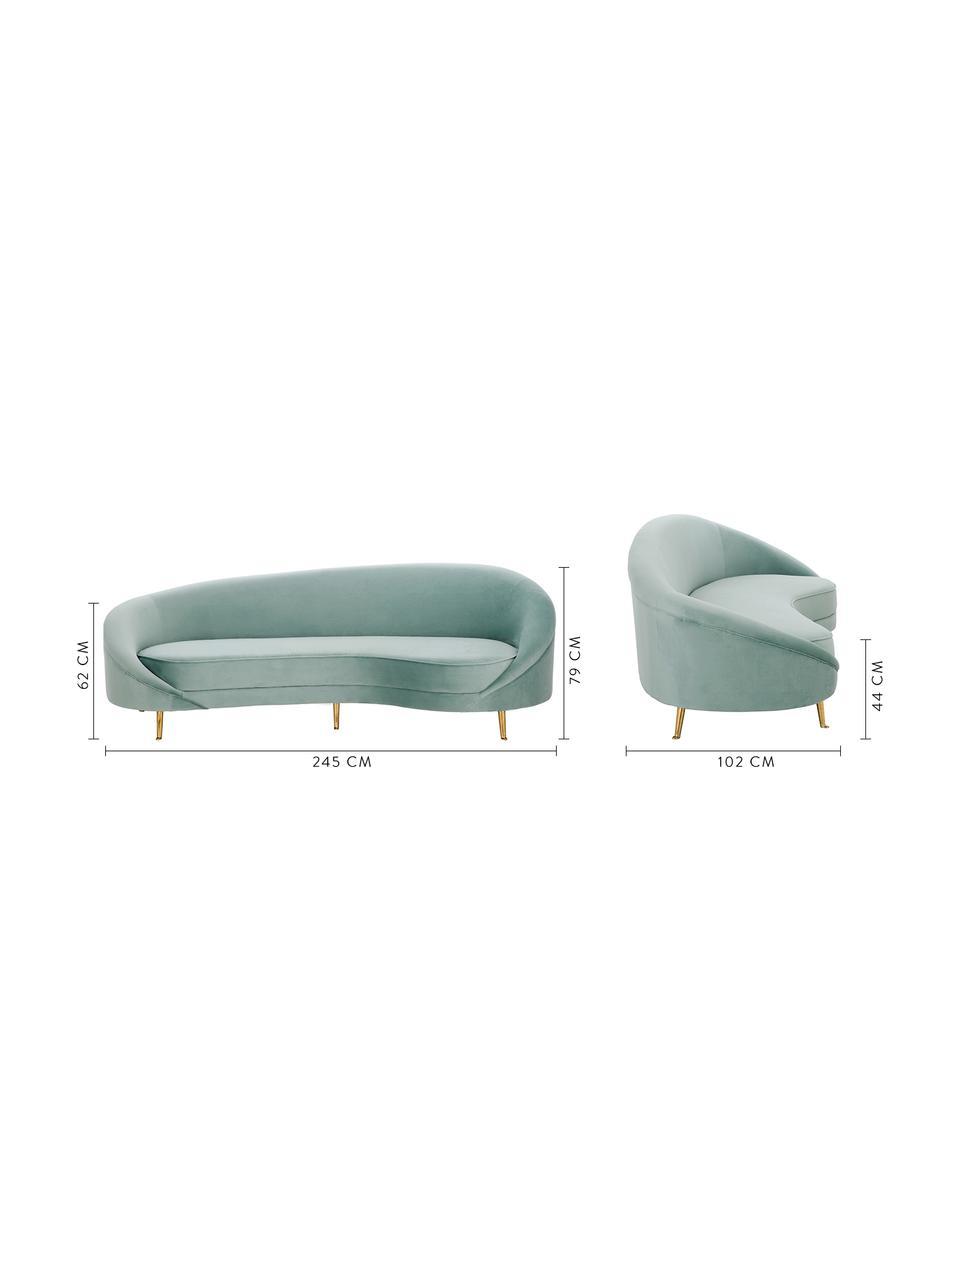 Sofa z aksamitu w kształcie nerki Gatsby (3-osobowa), Tapicerka: aksamit (poliester) 2500, Tapicerka: pianka na zawieszeniu spr, Nogi: metal galwanizowany, Aksamitny turkusowy, S 245 x G 102 cm